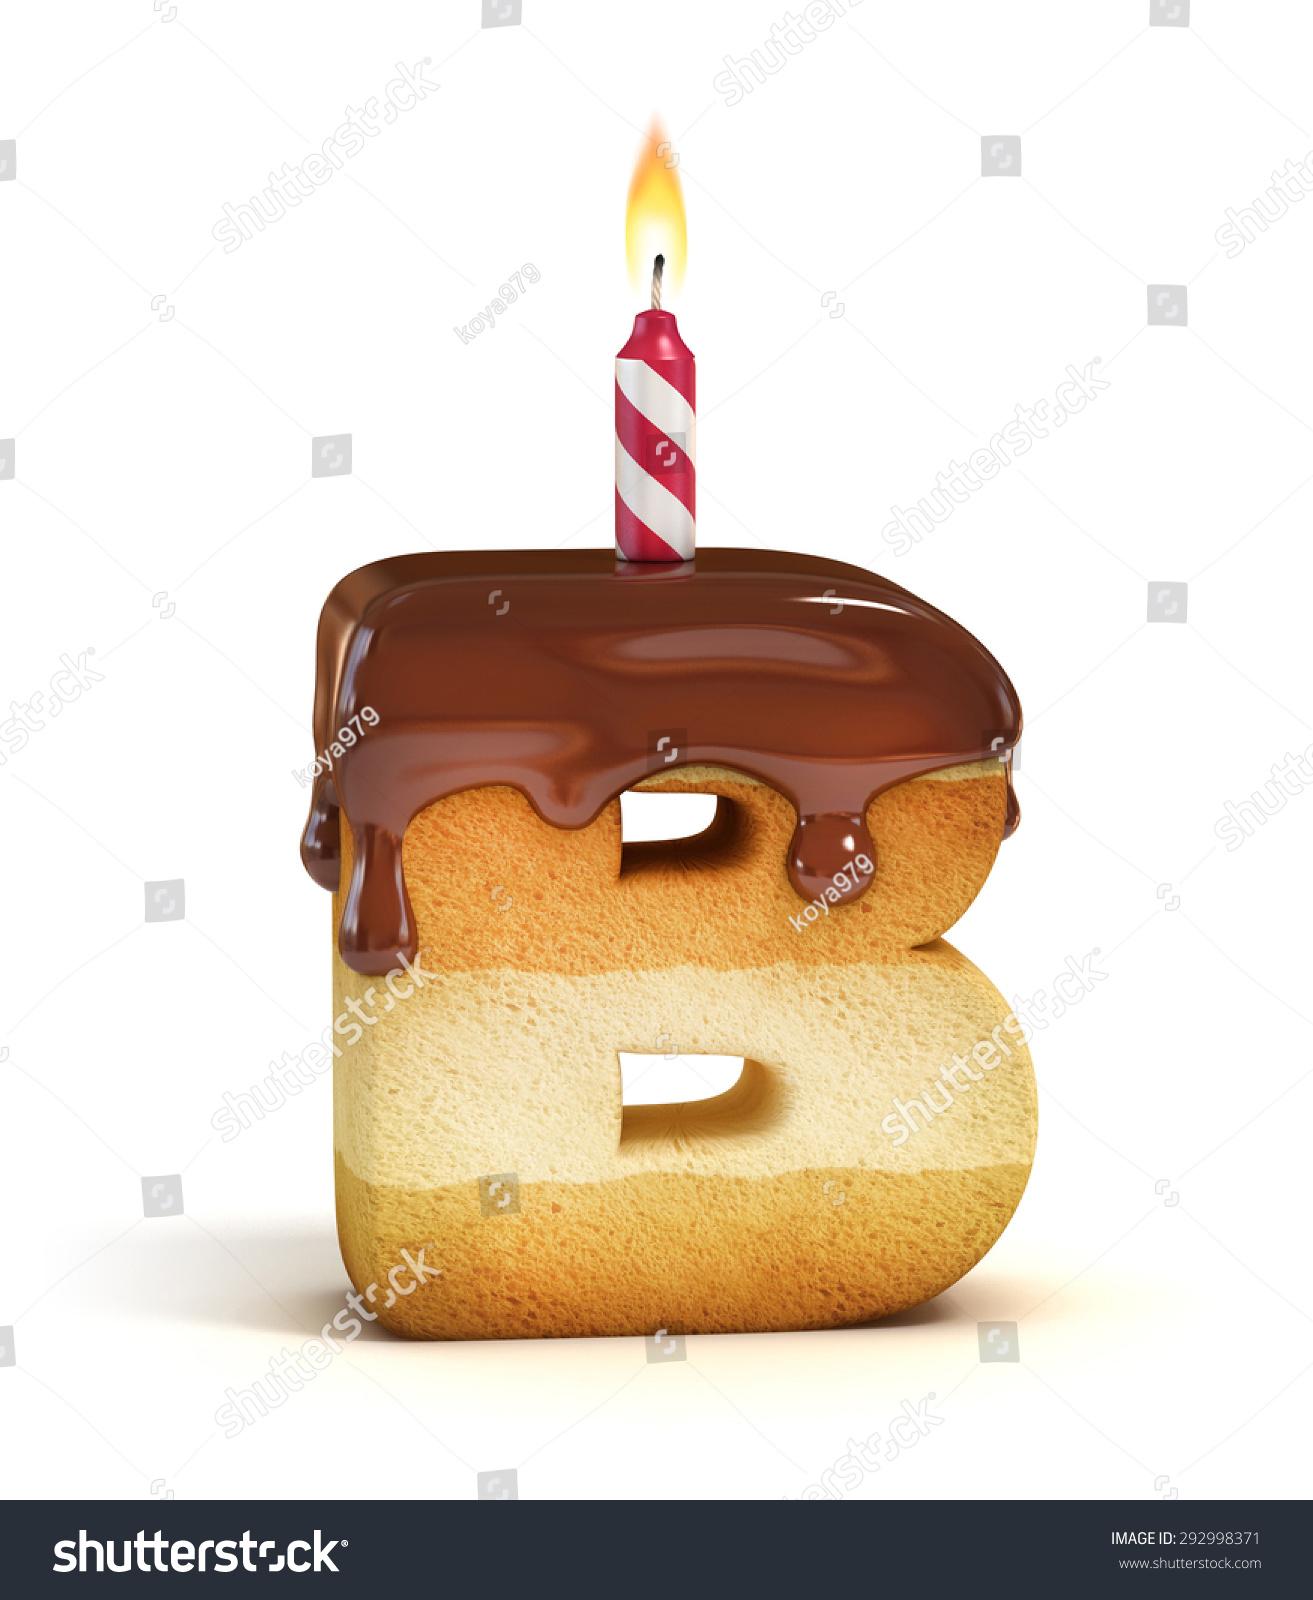 birthday cake font letter b 292998371